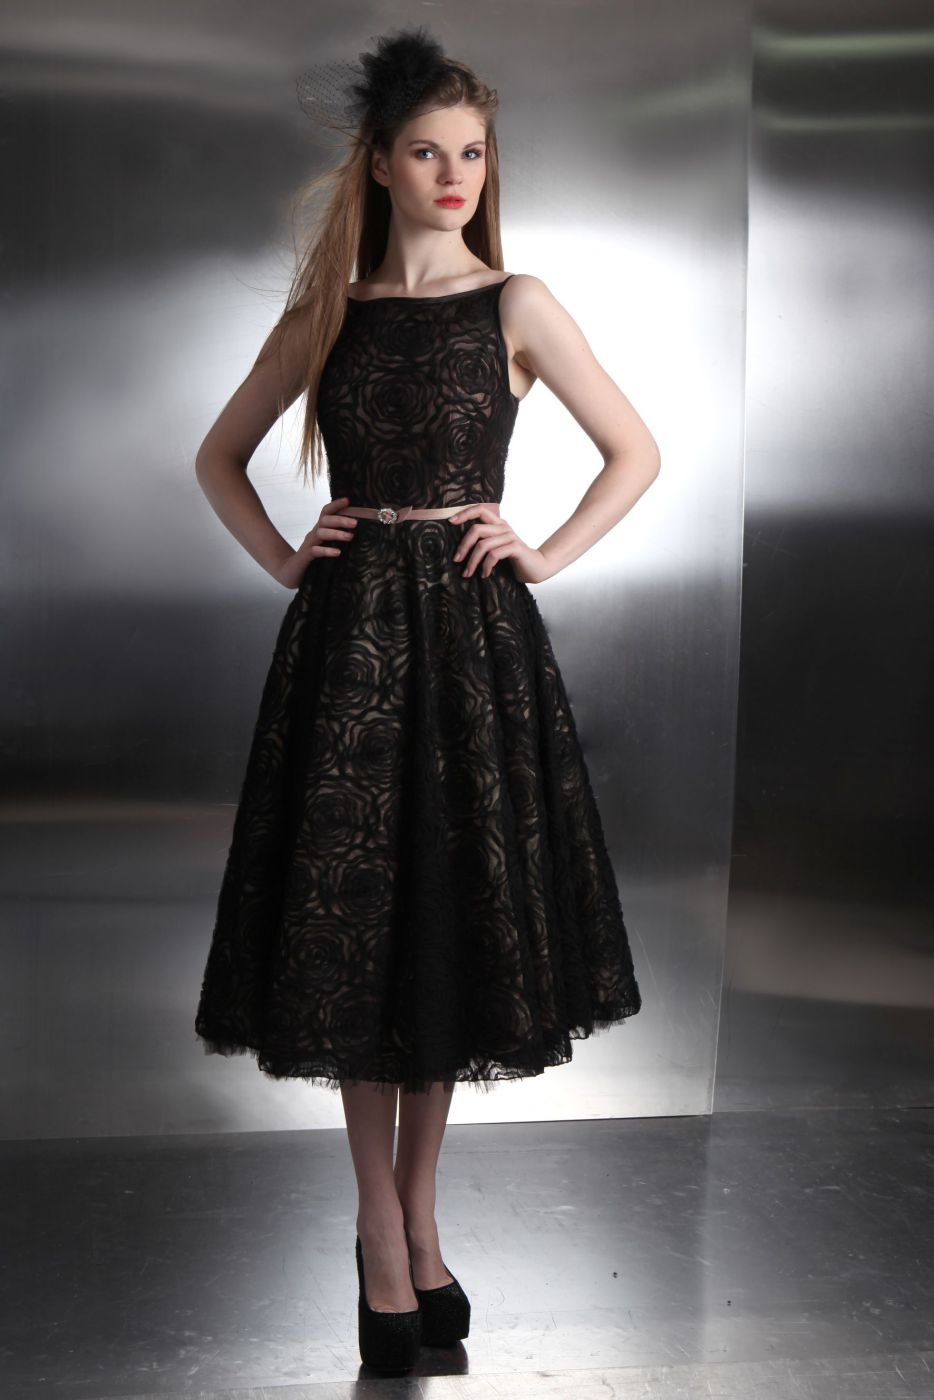 schwarzes rockabilly brautkleid aus spitze - kleiderfreuden